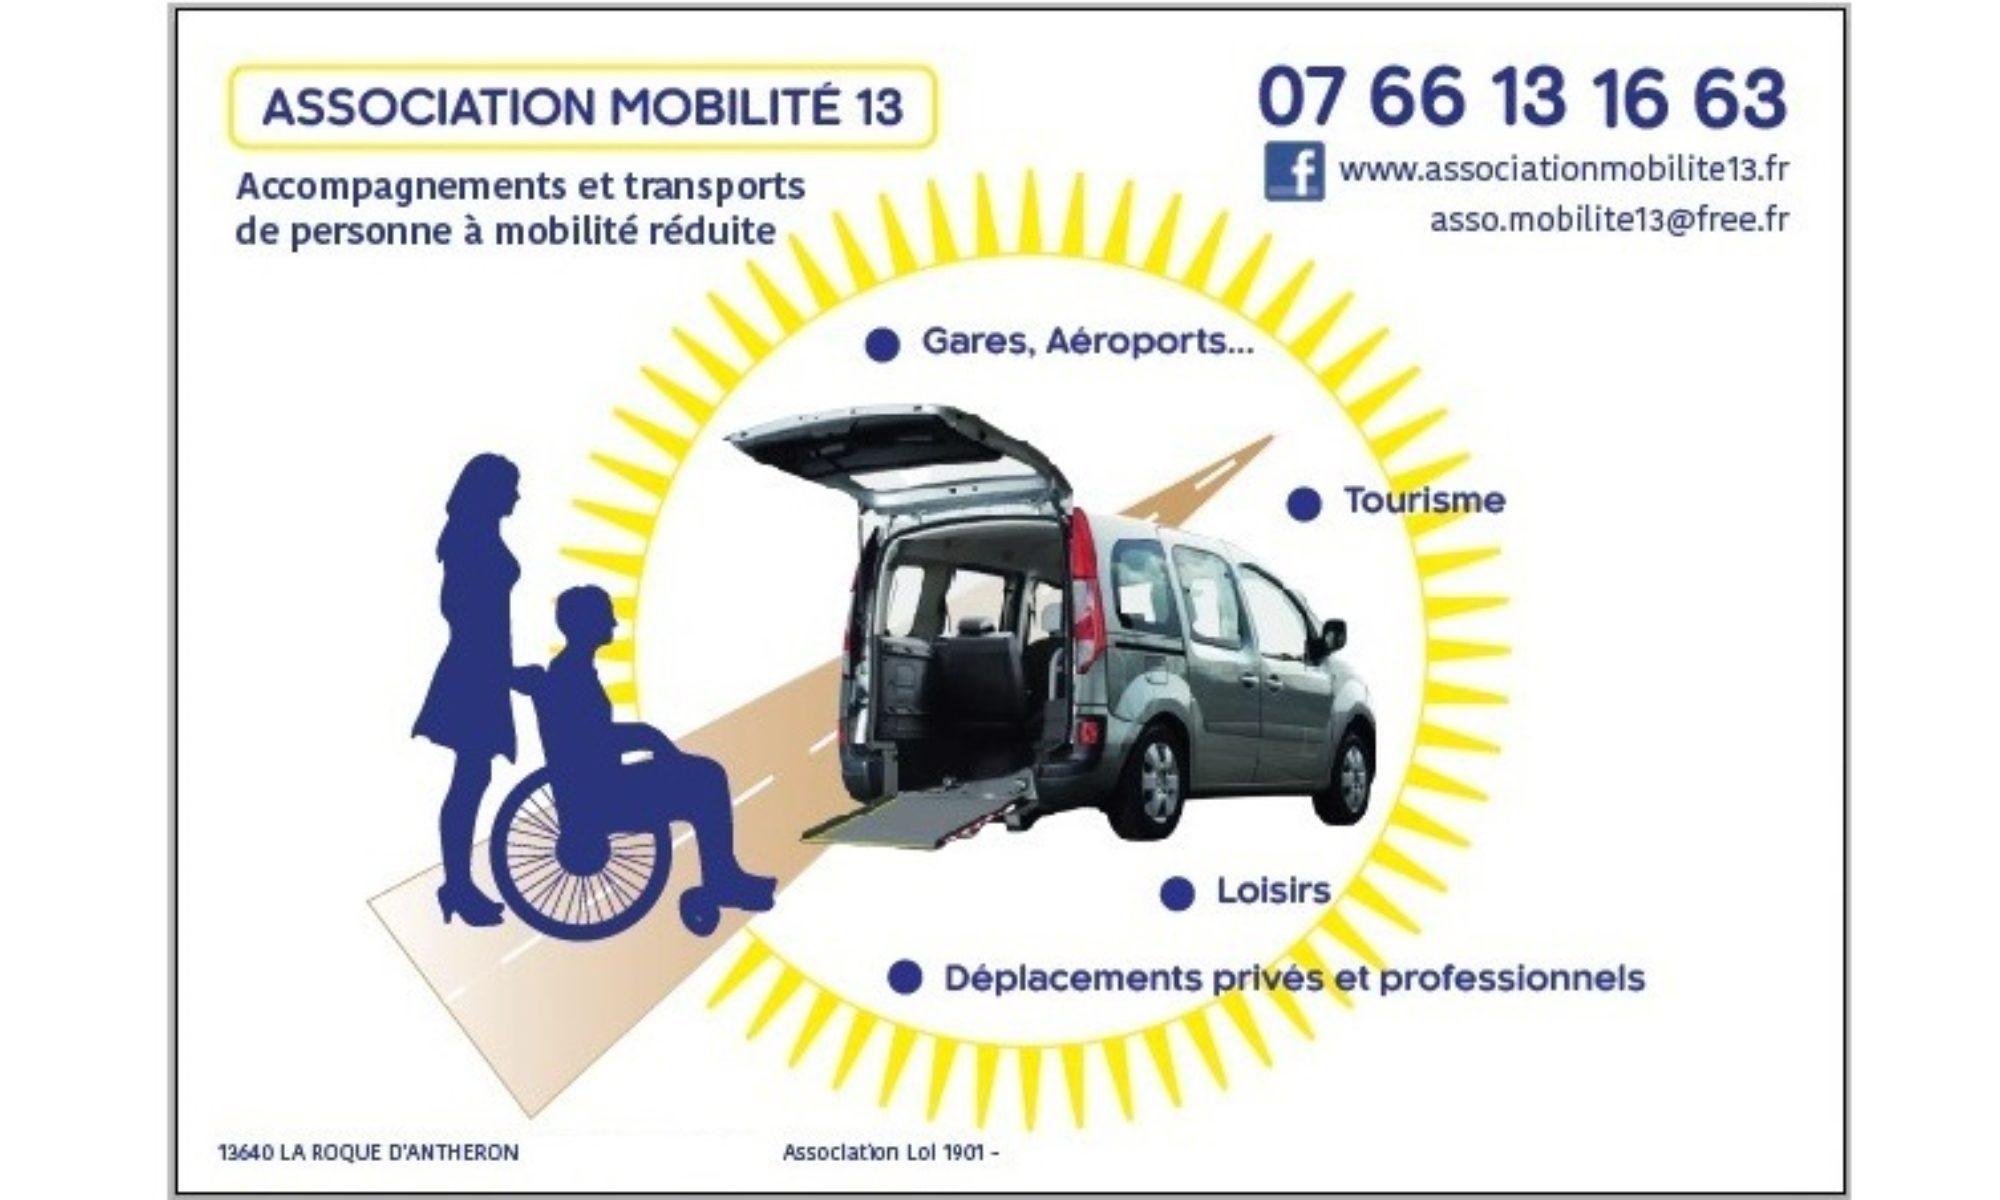 Association Mobilité 13